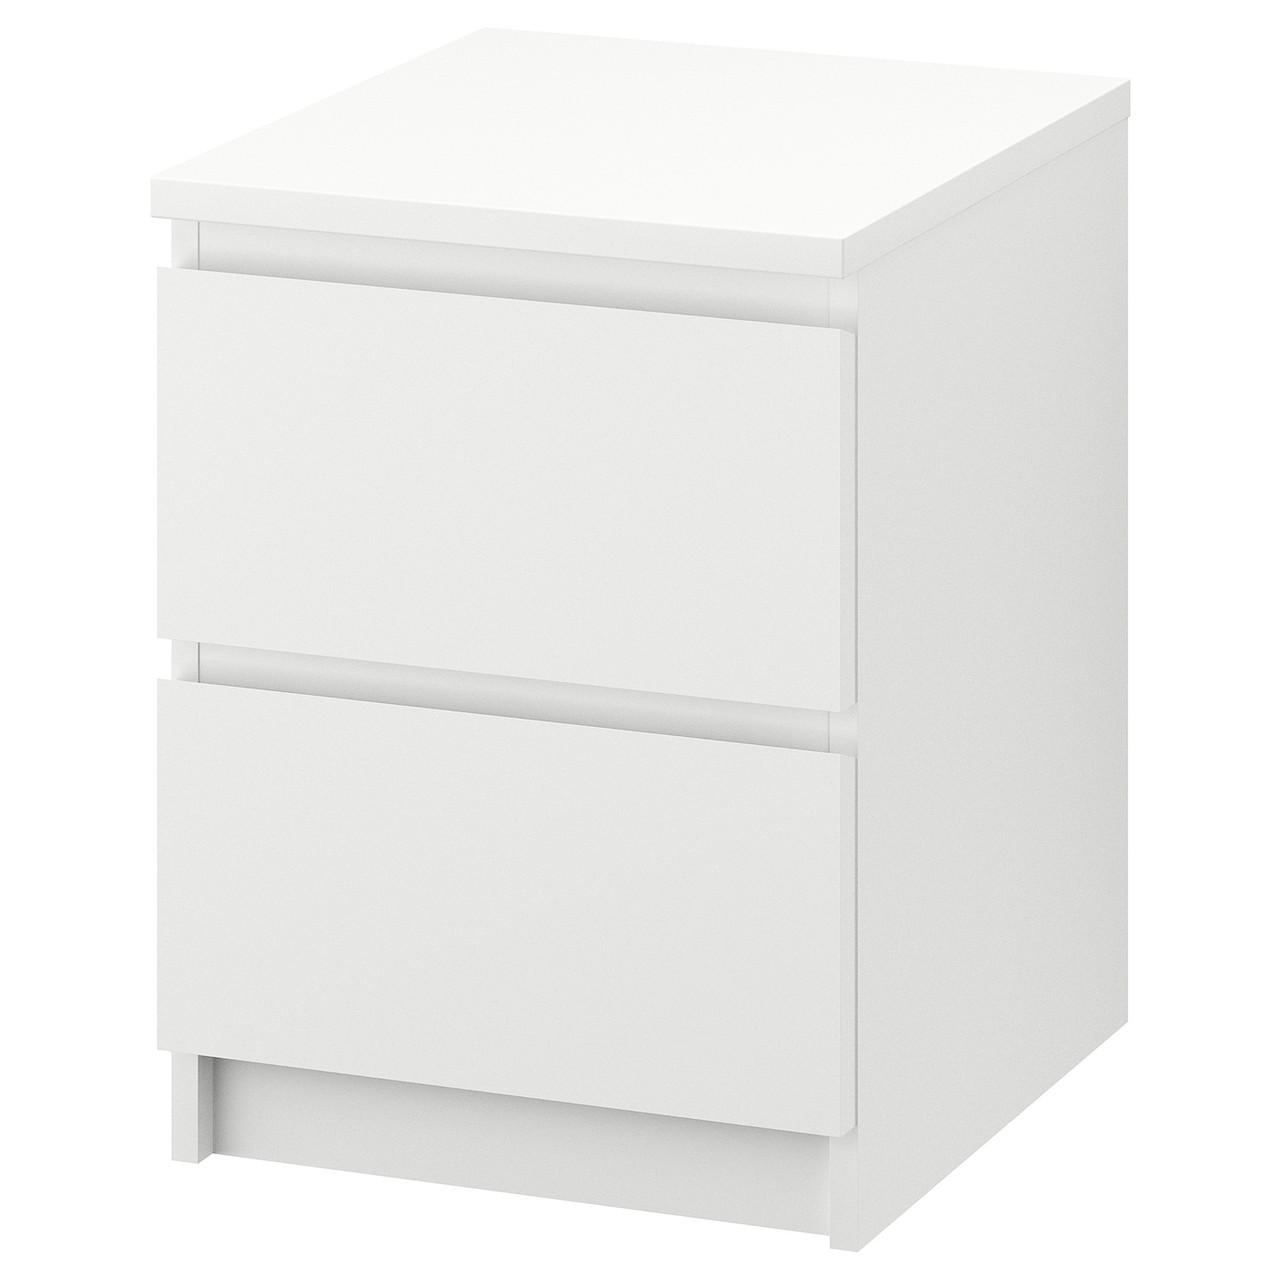 Комод с 2 ящиками IKEA MALM белый 802.145.49